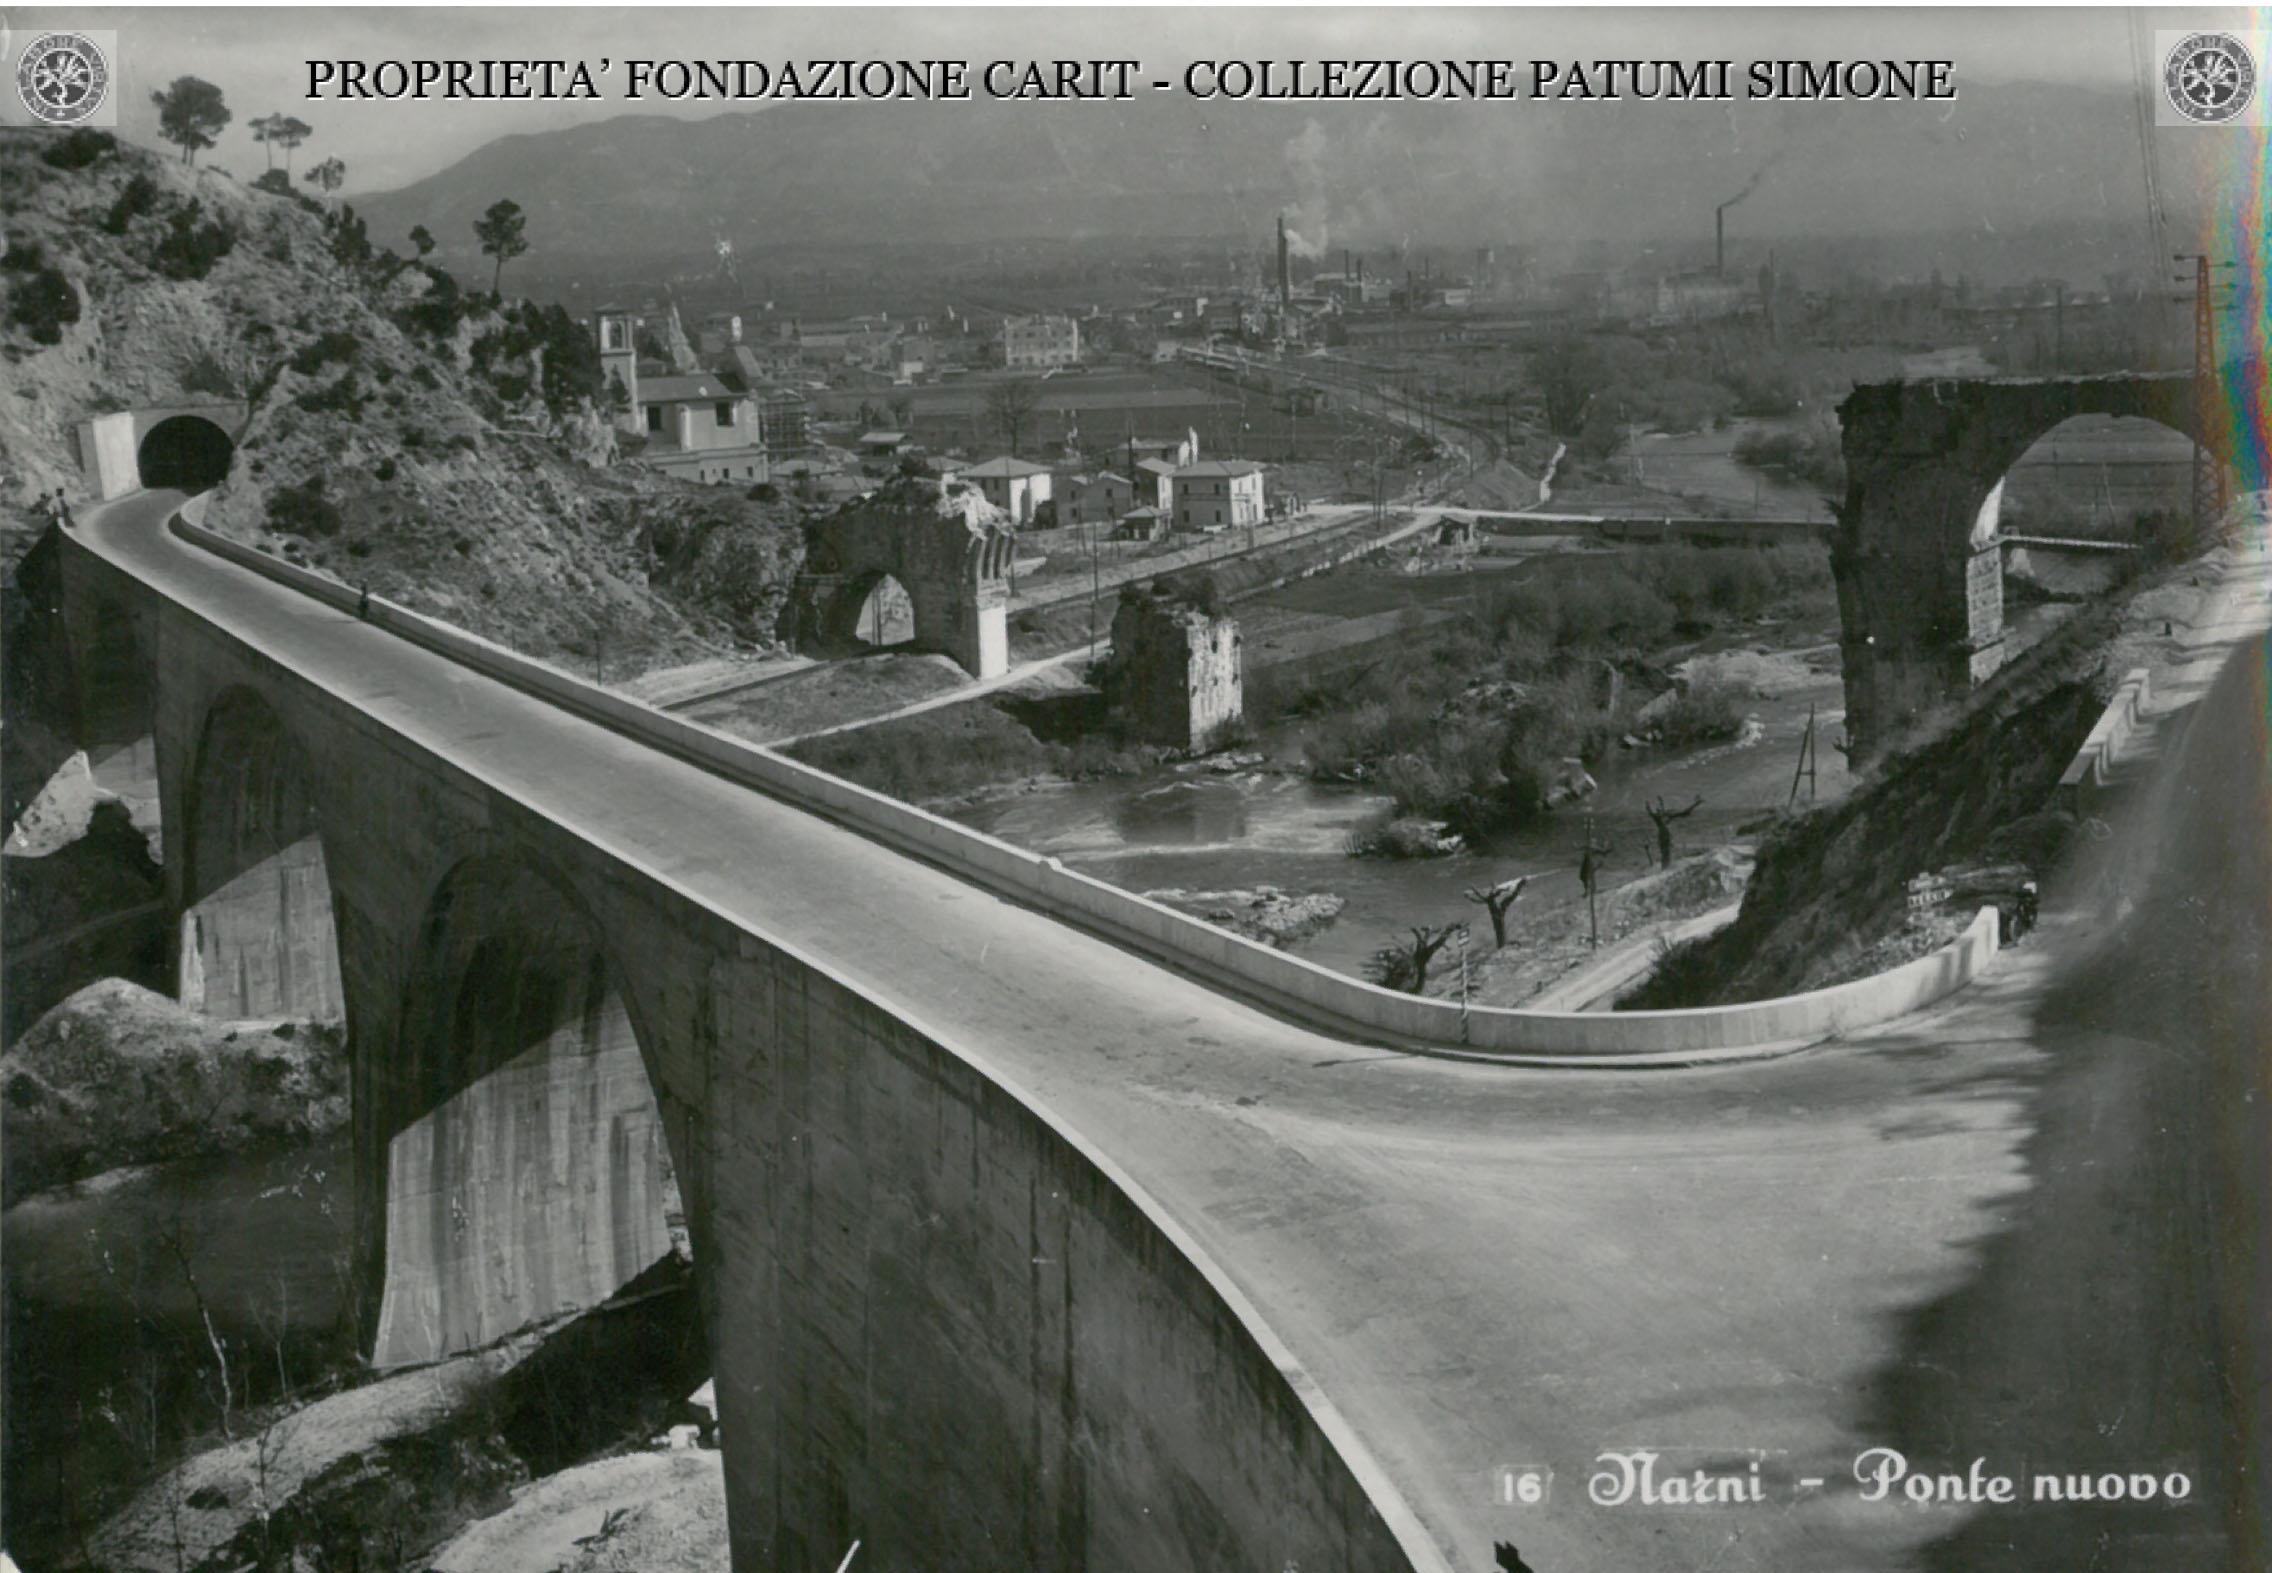 1959 Narni Collection Patumi Simone, Cassa di Risparmio di Narni e Terni